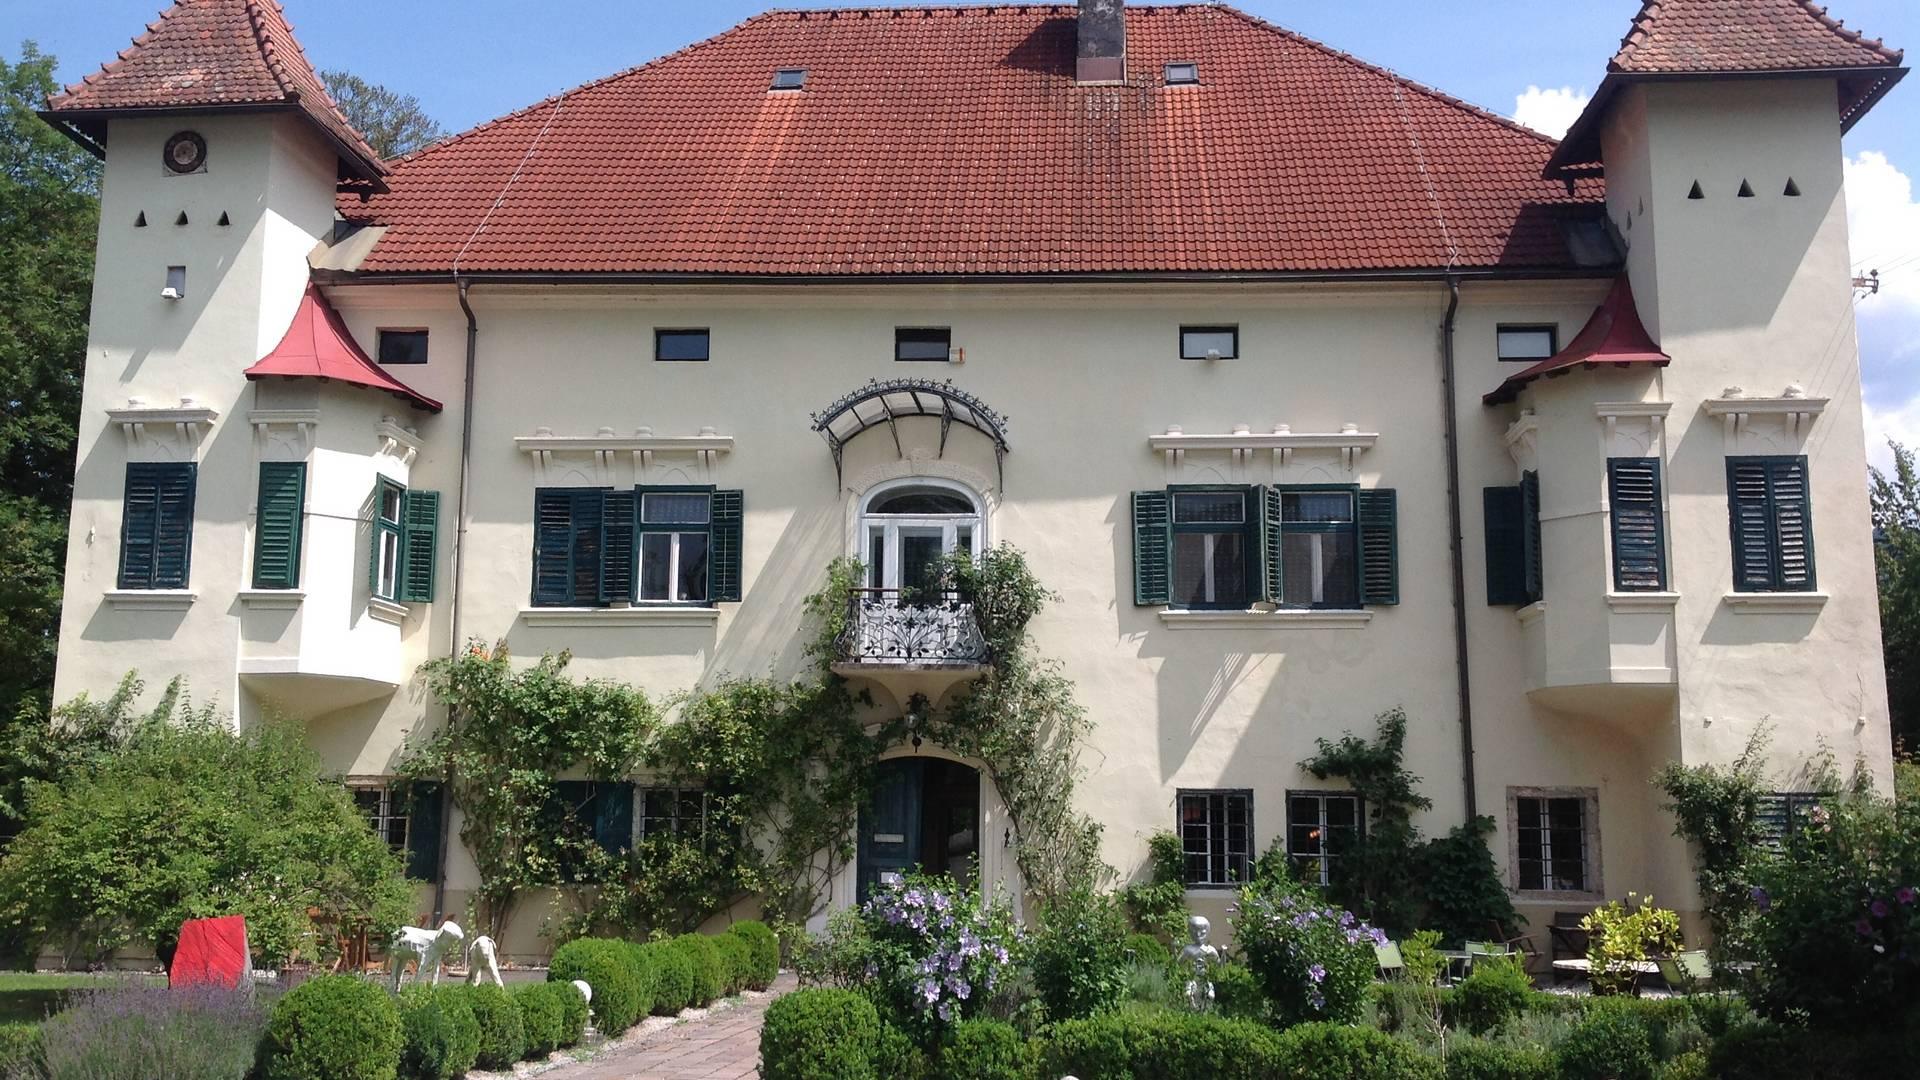 <p>Burgen und Schlösser in Kärnten, Schloss Ebenau, Galerie Walker</p>